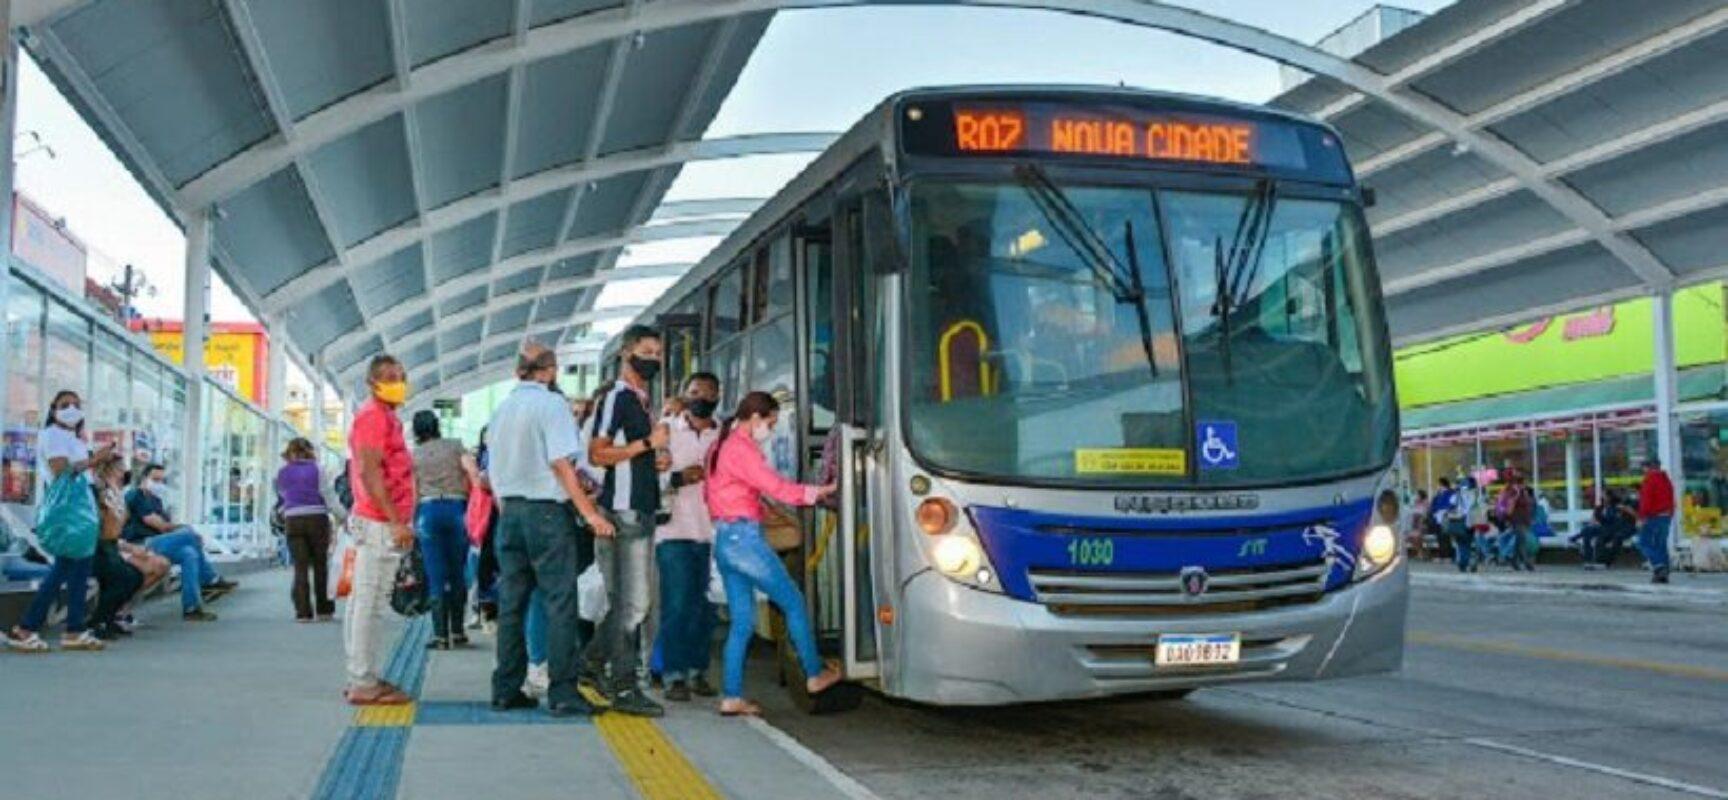 Vitória da Conquista: aumento na frota de ônibus permitirá 60 viagens a mais por dia